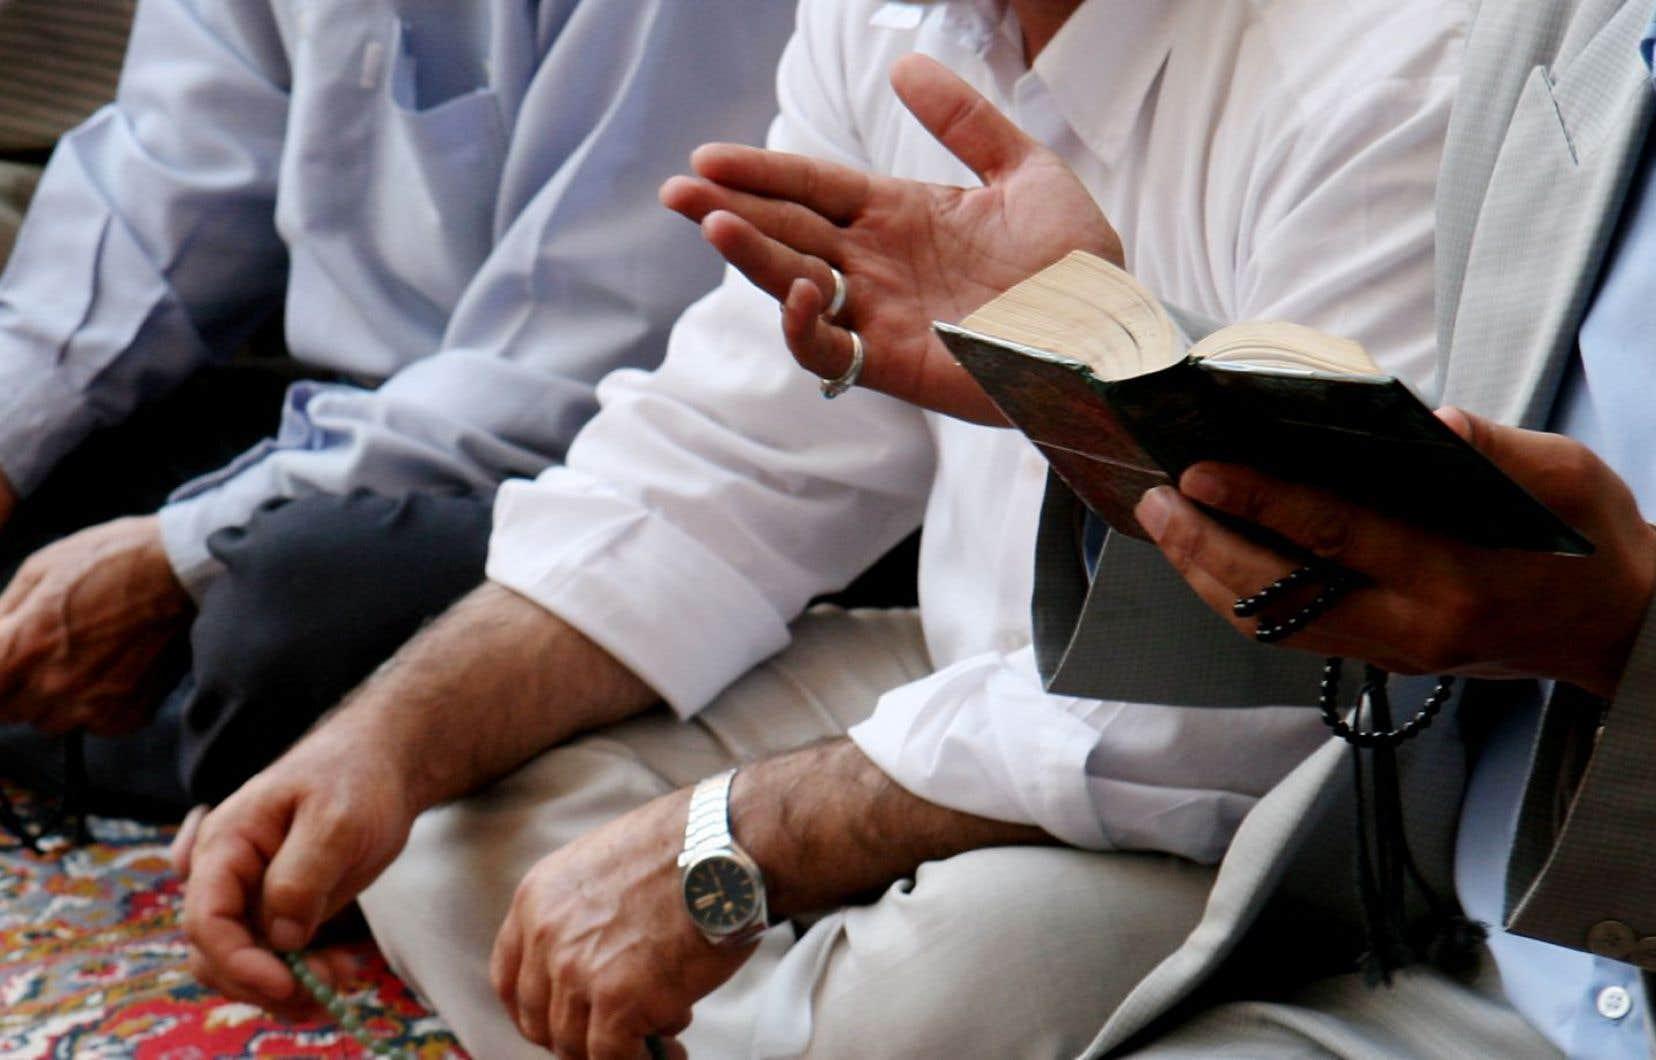 En 2015-2016, le Service a reçu deux fois plus de demandes pour des accommodements raisonnables touchant des handicaps que pour des accommodements religieux.